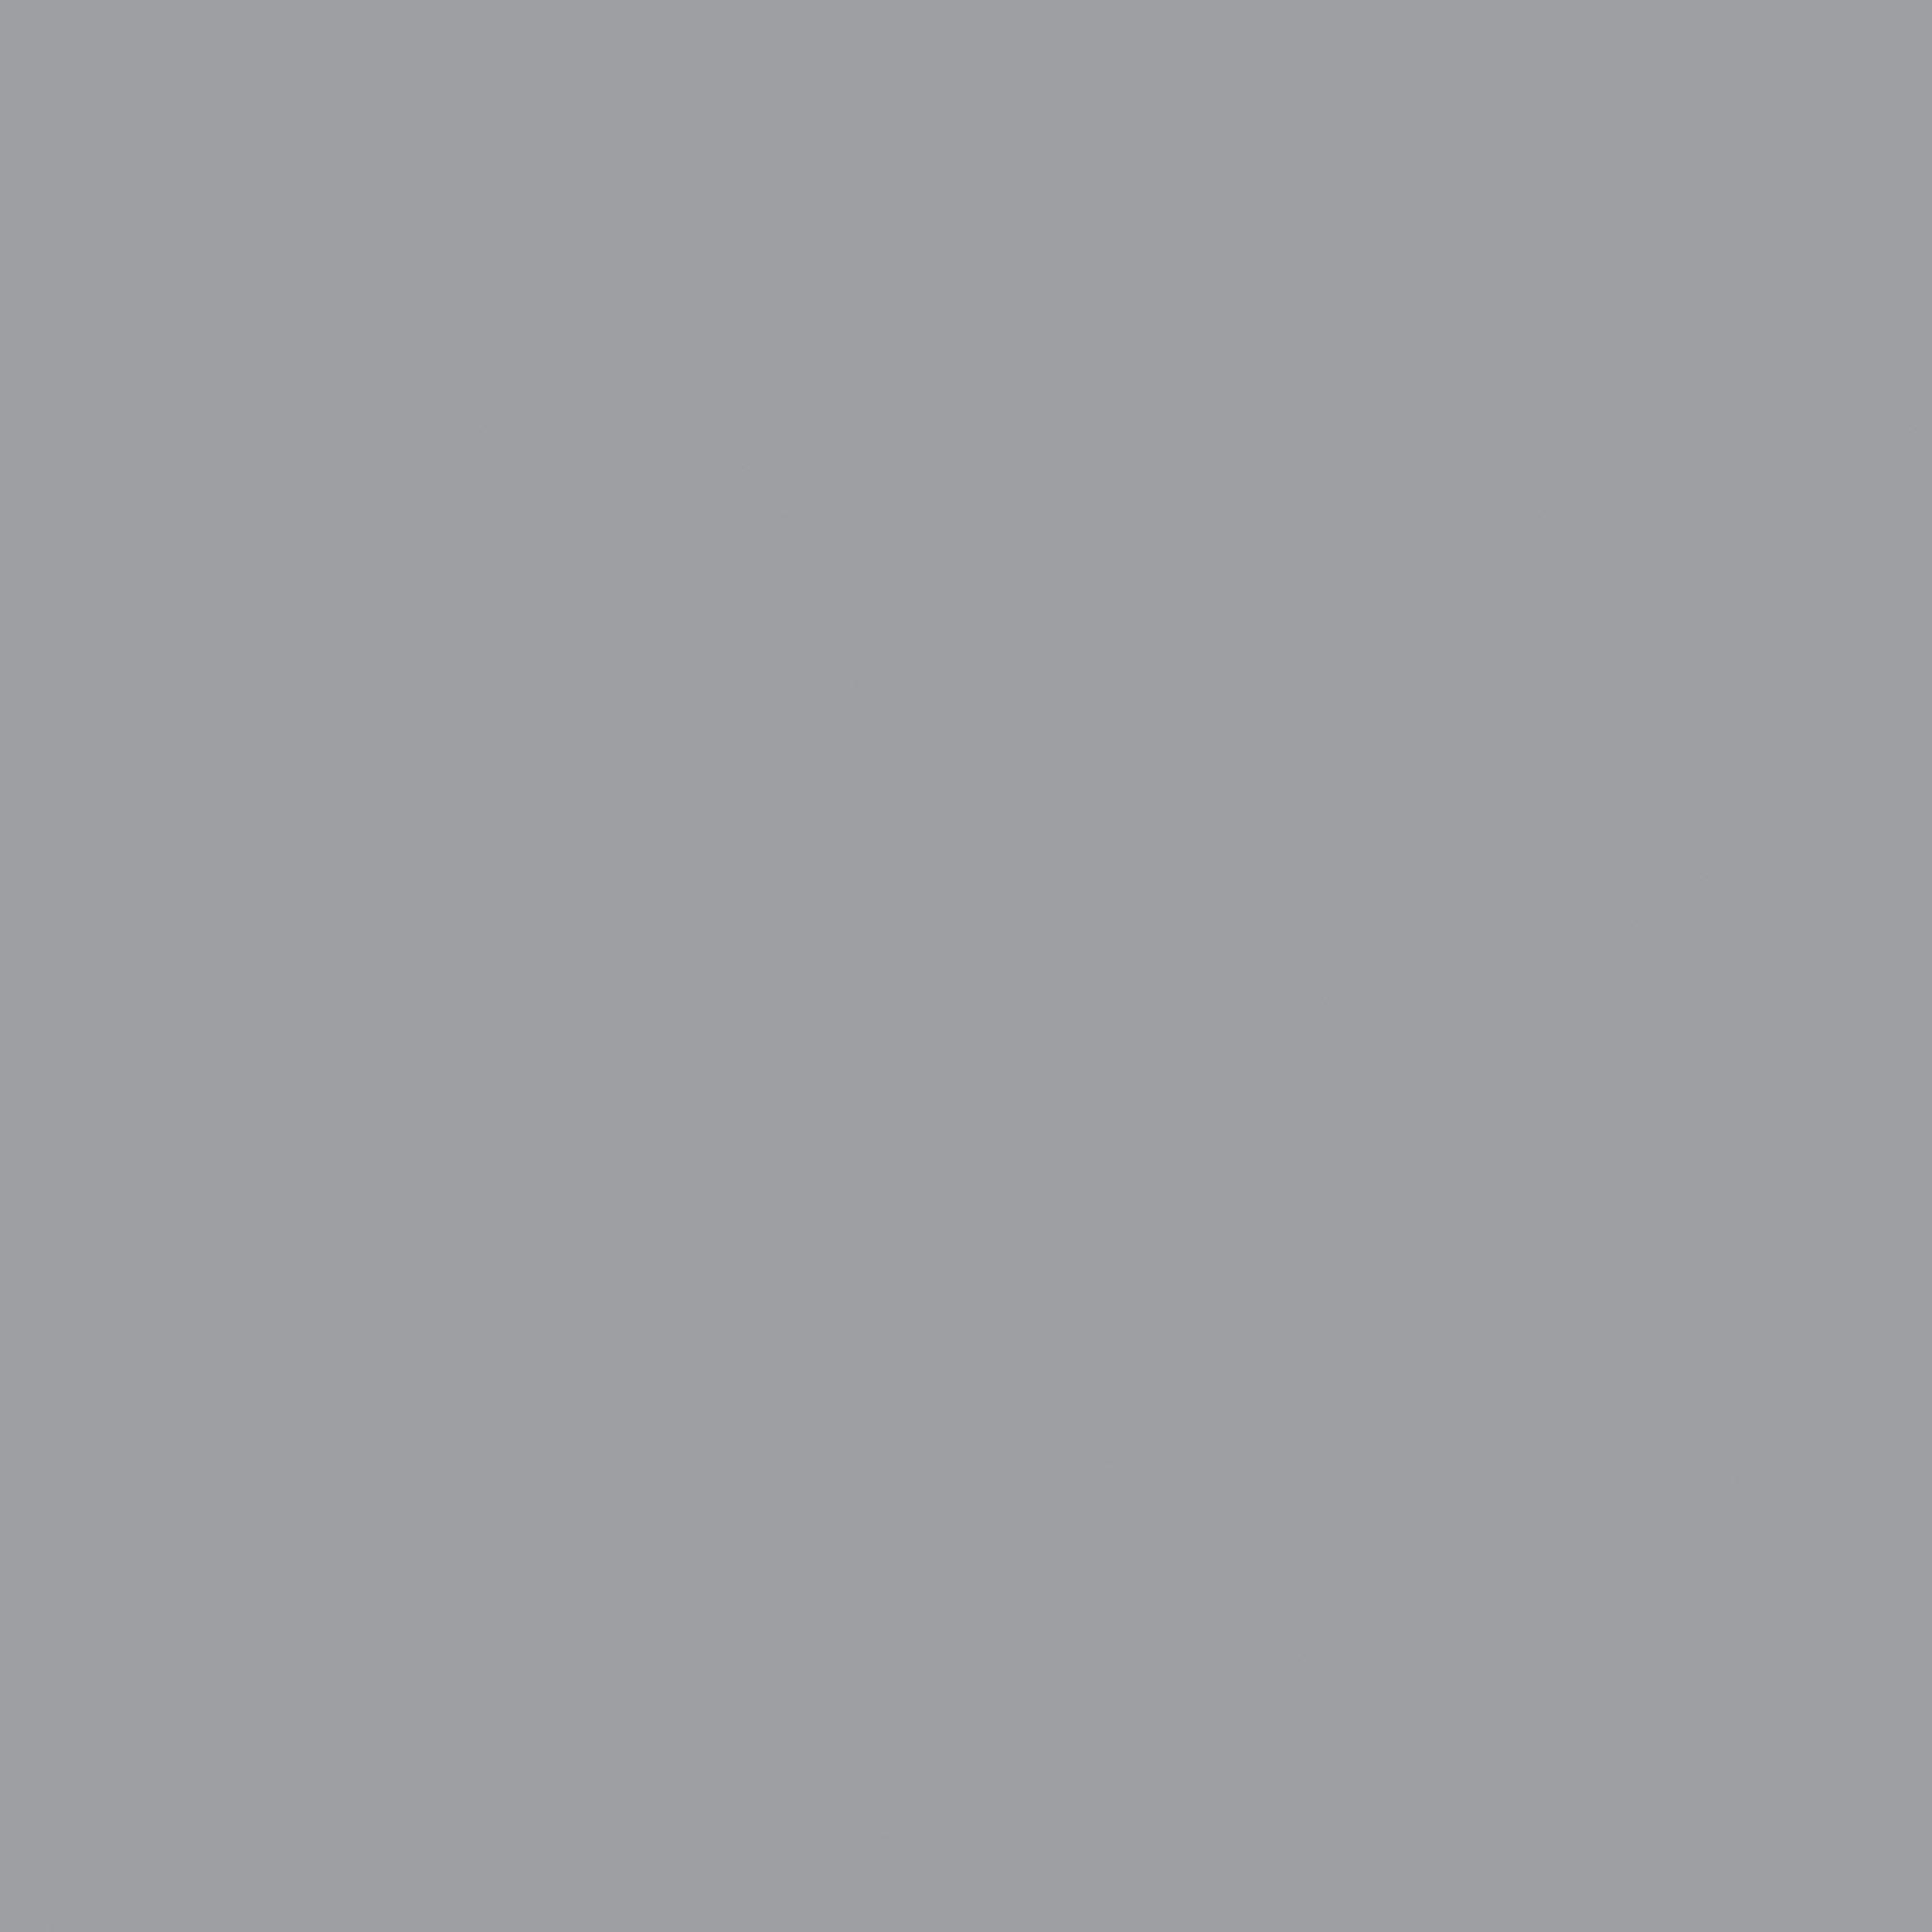 4mm Grey Glass Splashback